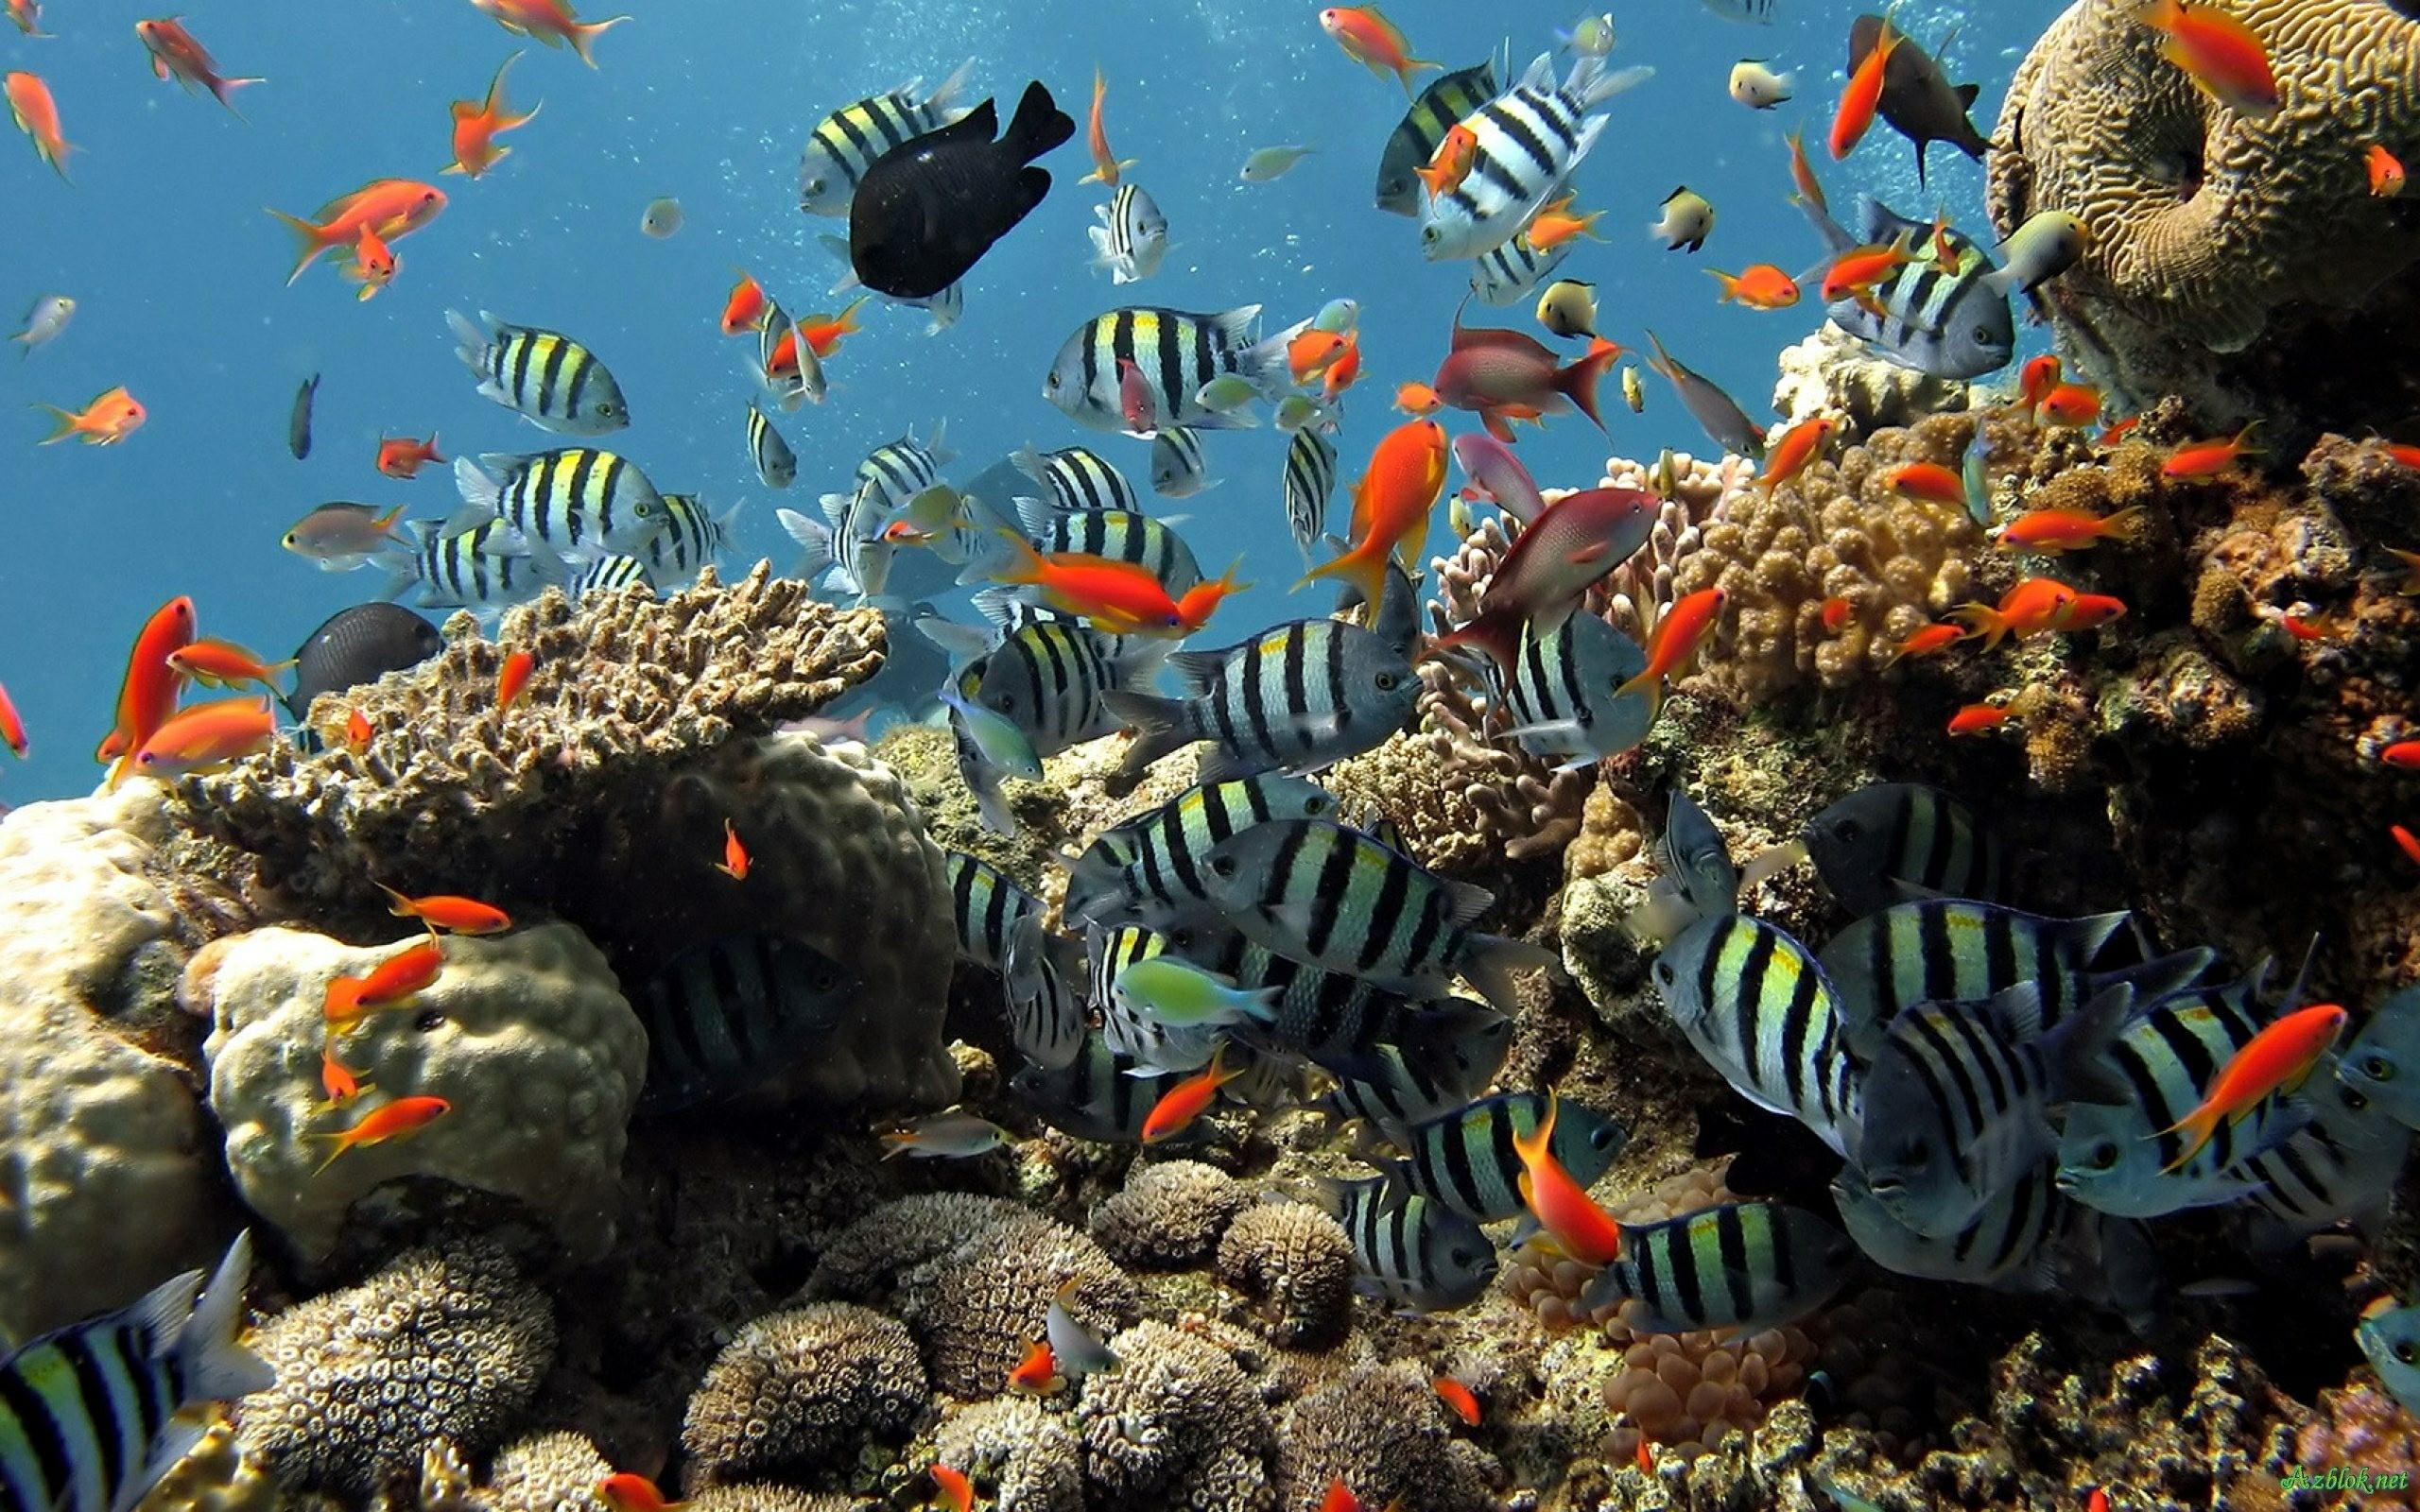 Aquarium Computer Wallpapers   Wallpaper Cave